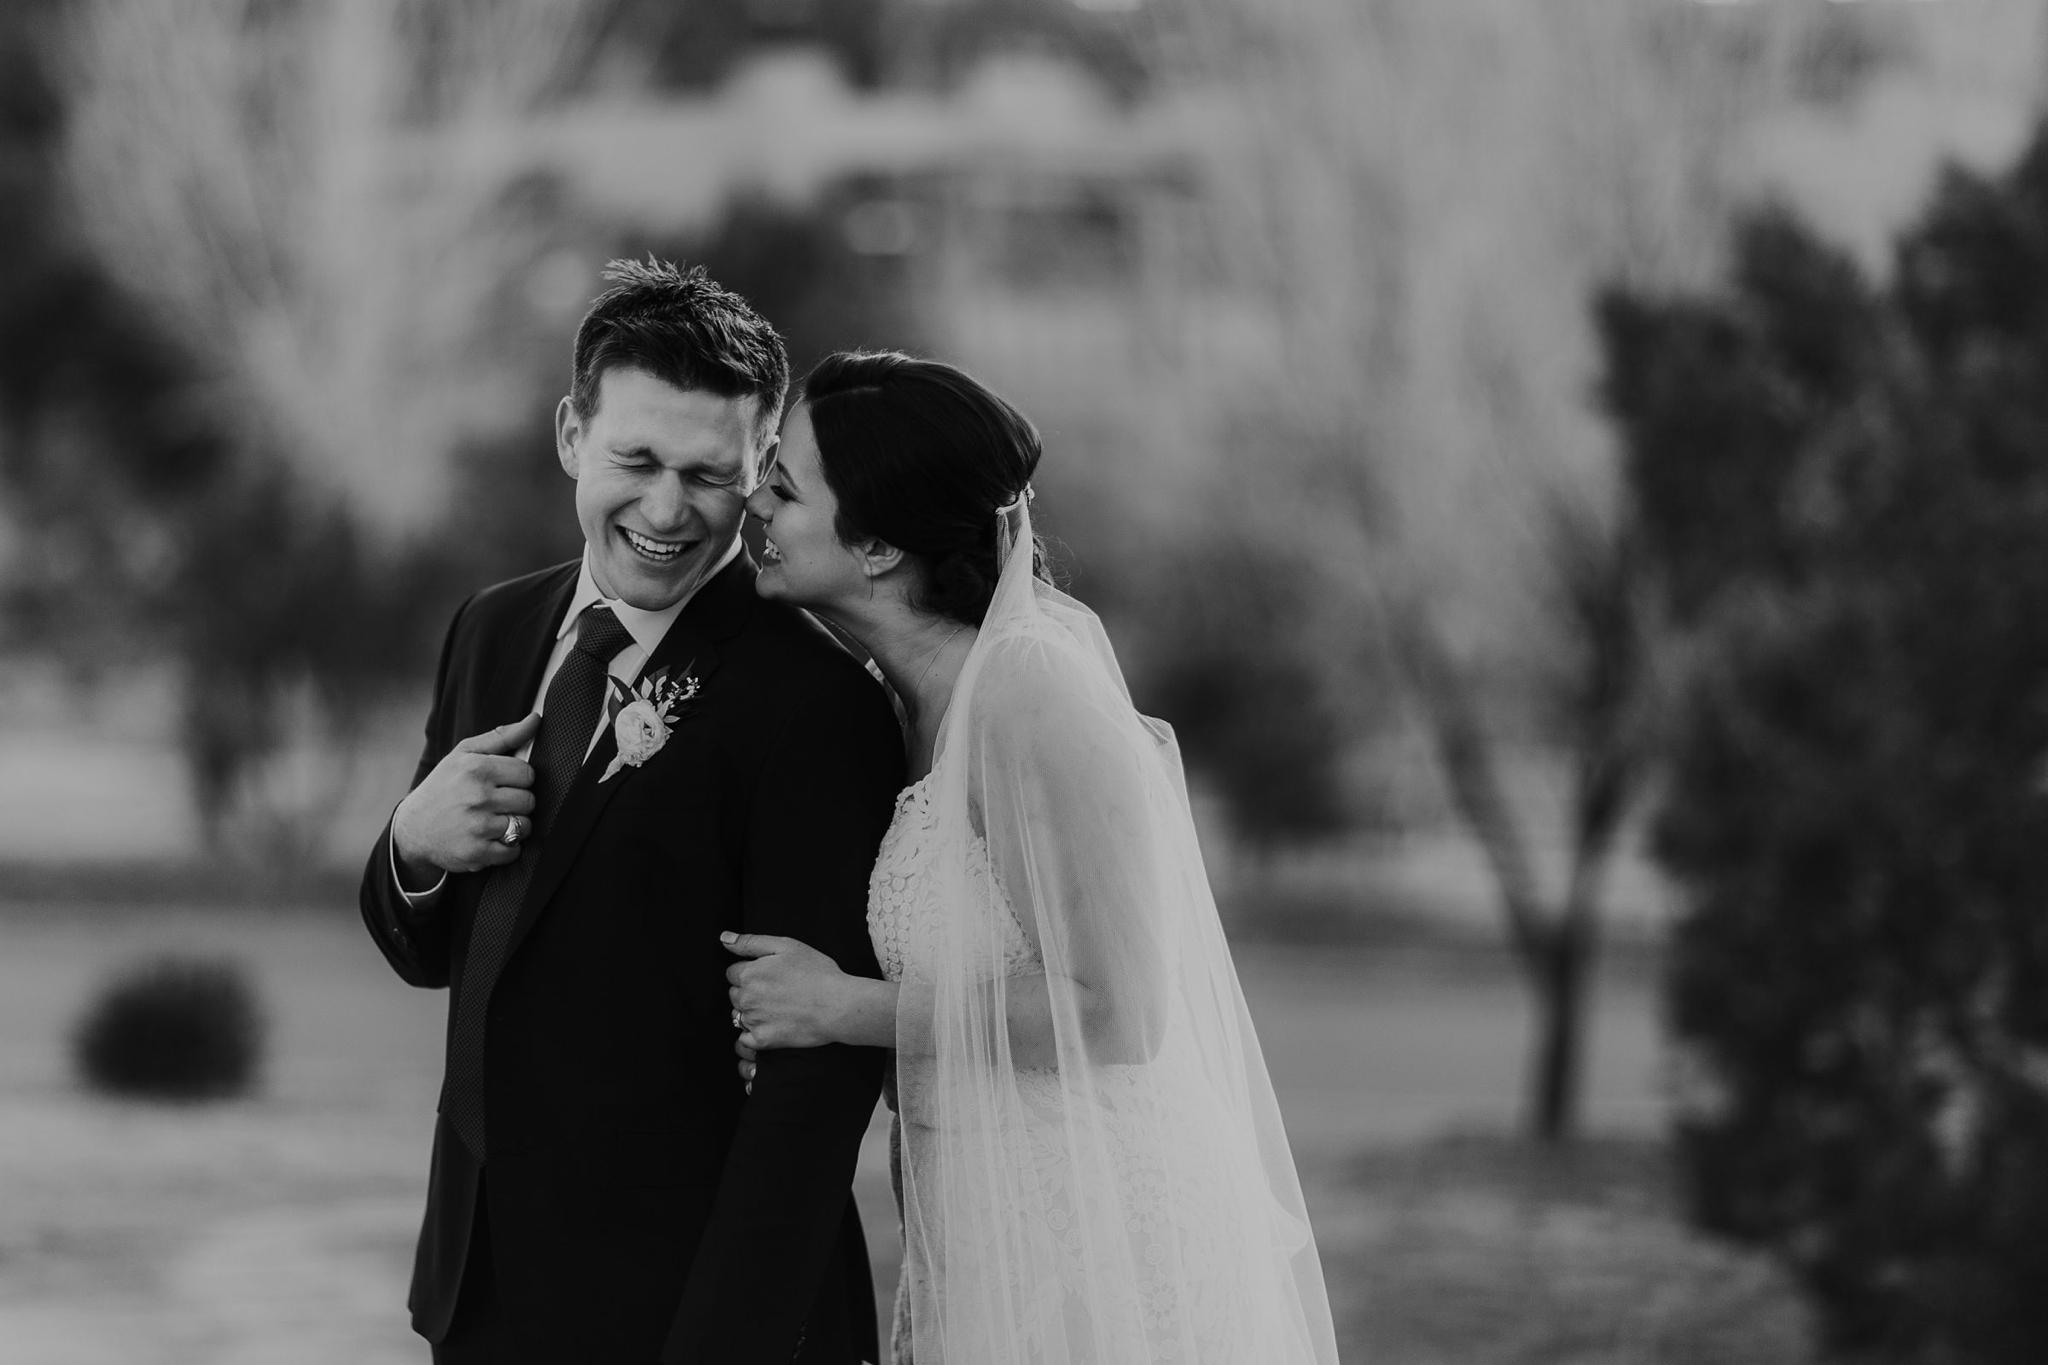 Alicia+lucia+photography+-+albuquerque+wedding+photographer+-+santa+fe+wedding+photography+-+new+mexico+wedding+photographer+-+new+mexico+wedding+-+santa+fe+wedding+-+four+seasons+wedding+-+winter+wedding_0105.jpg